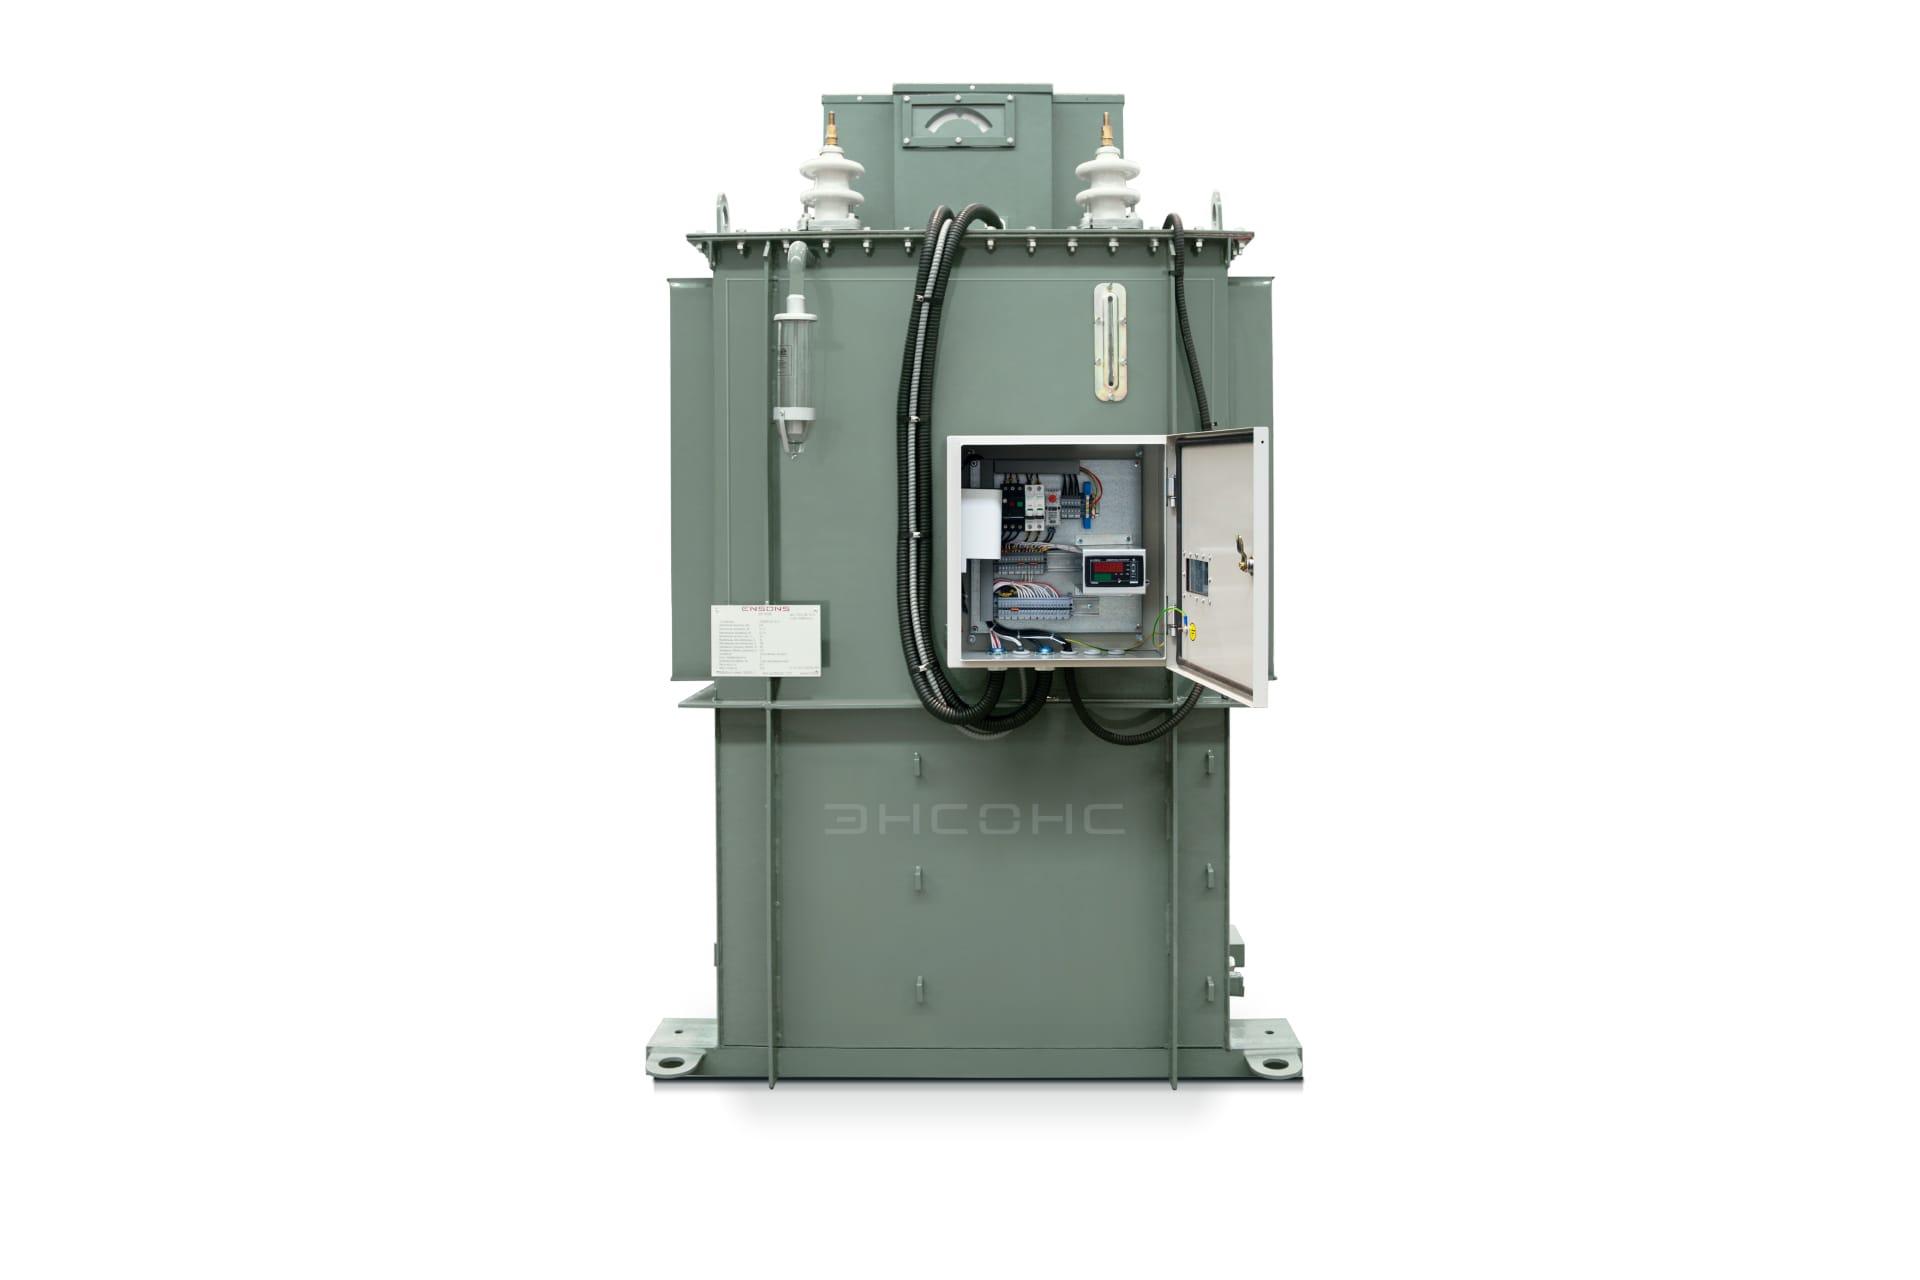 Ensons - Общий вид дугогасящего реактора РЗДПОМ 635 кВА с открытым клеммным шкафом